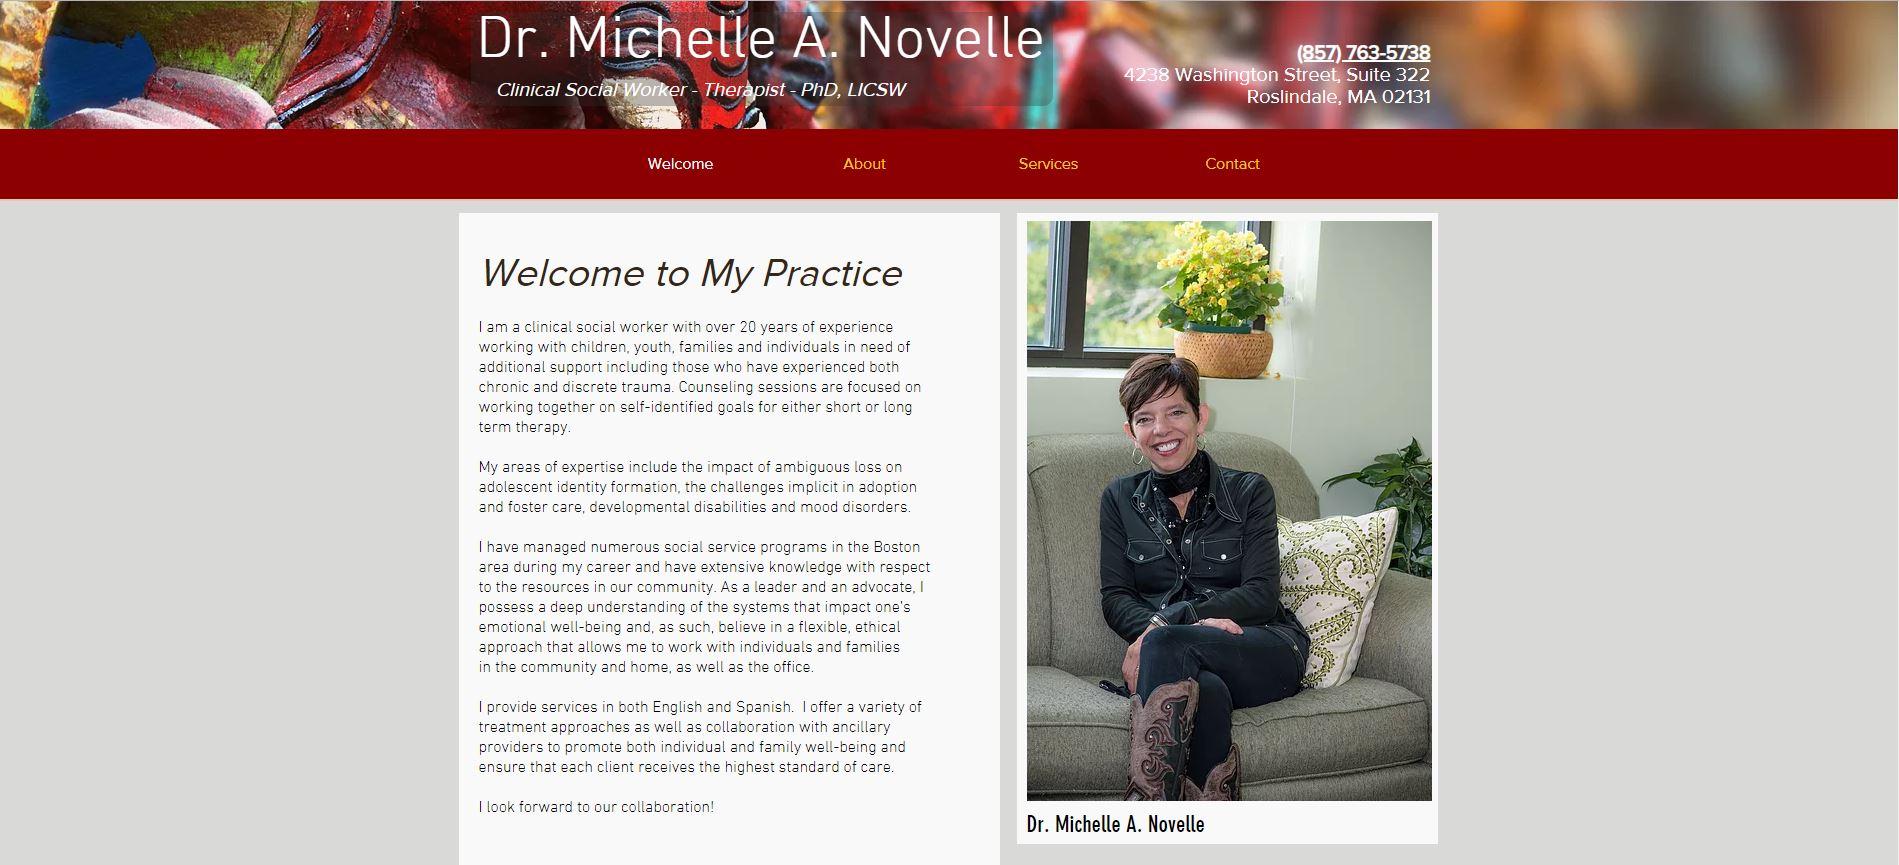 Dr. Michelle Novelle